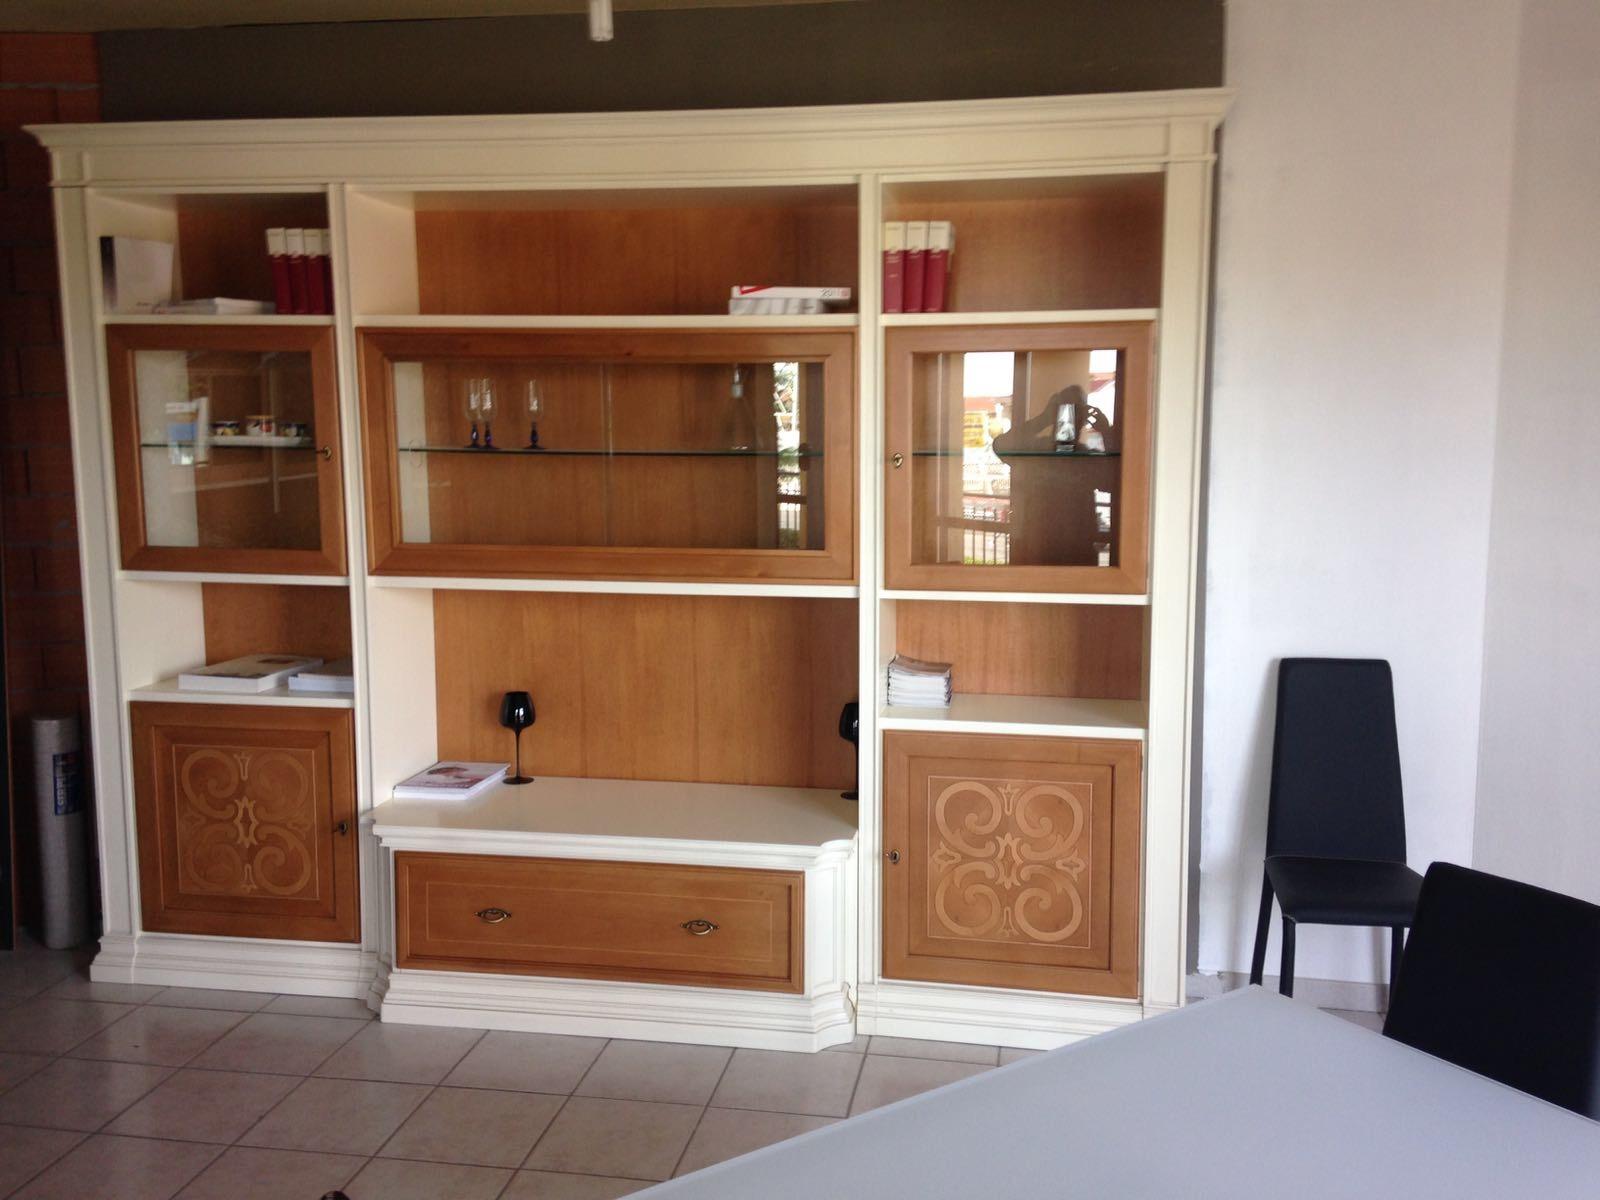 Beautiful Soggiorno Contemporaneo Pictures - Idee Arredamento Casa ...